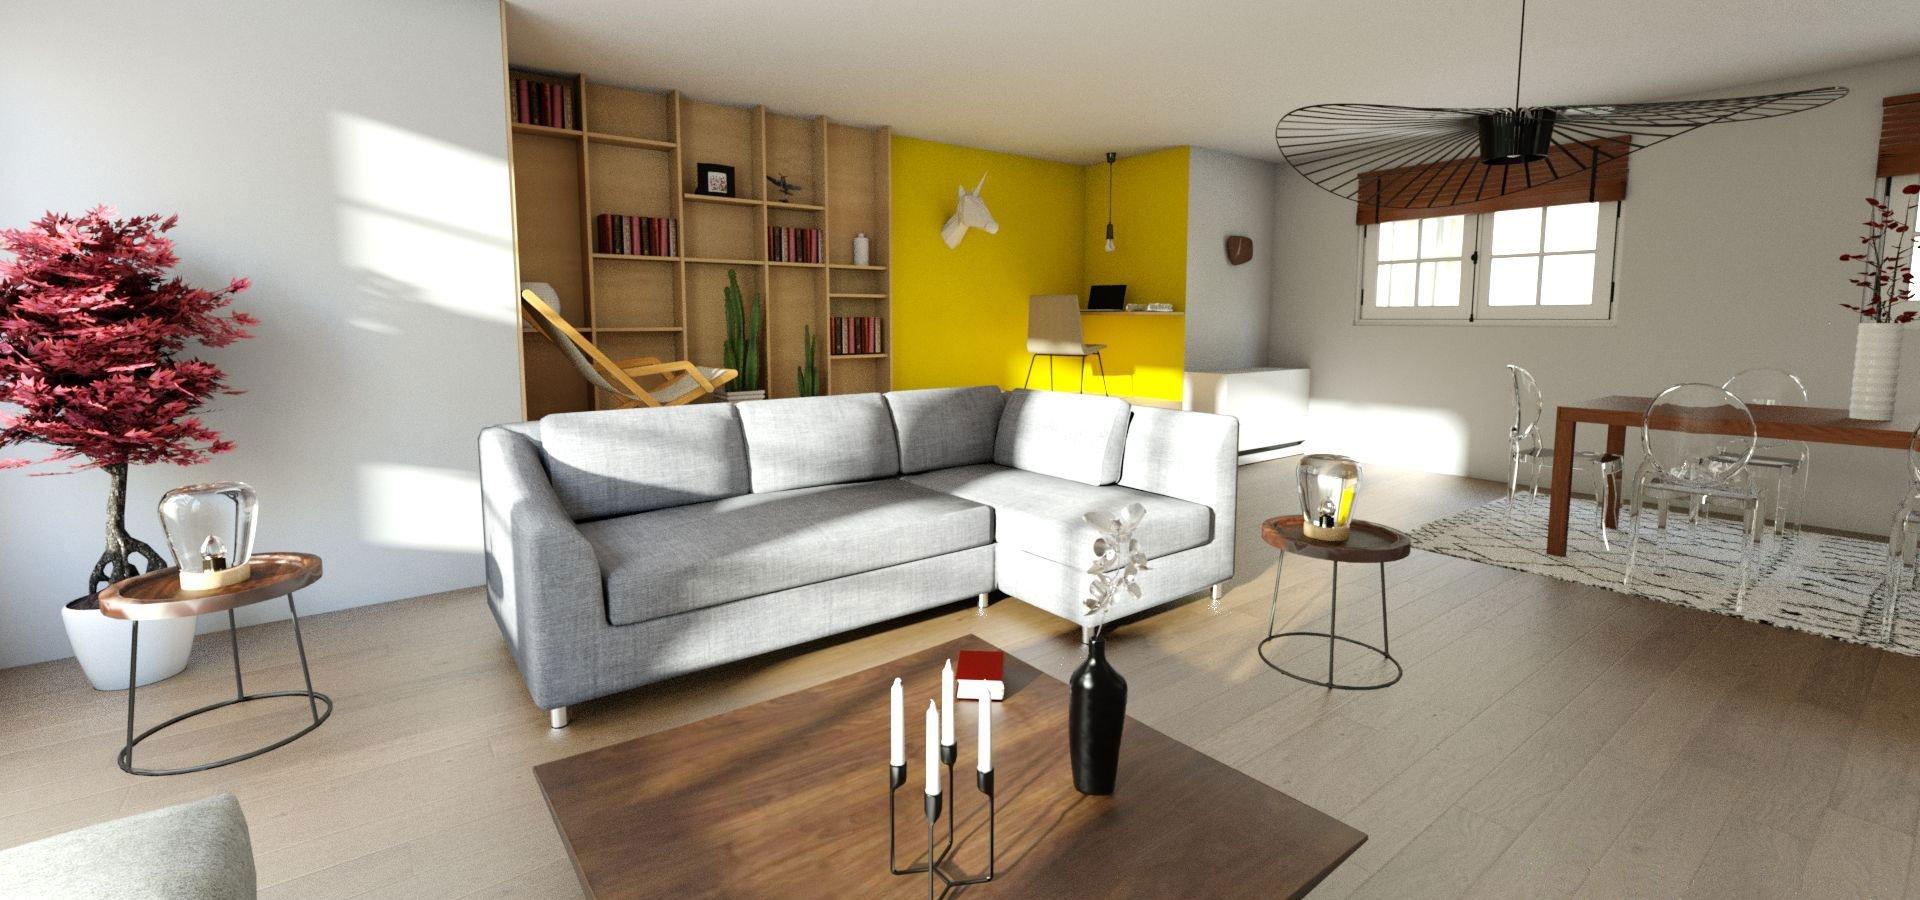 Architecte Interieur 3D Gratuit logiciel d'architecture d'intérieur 3d gratuit en ligne